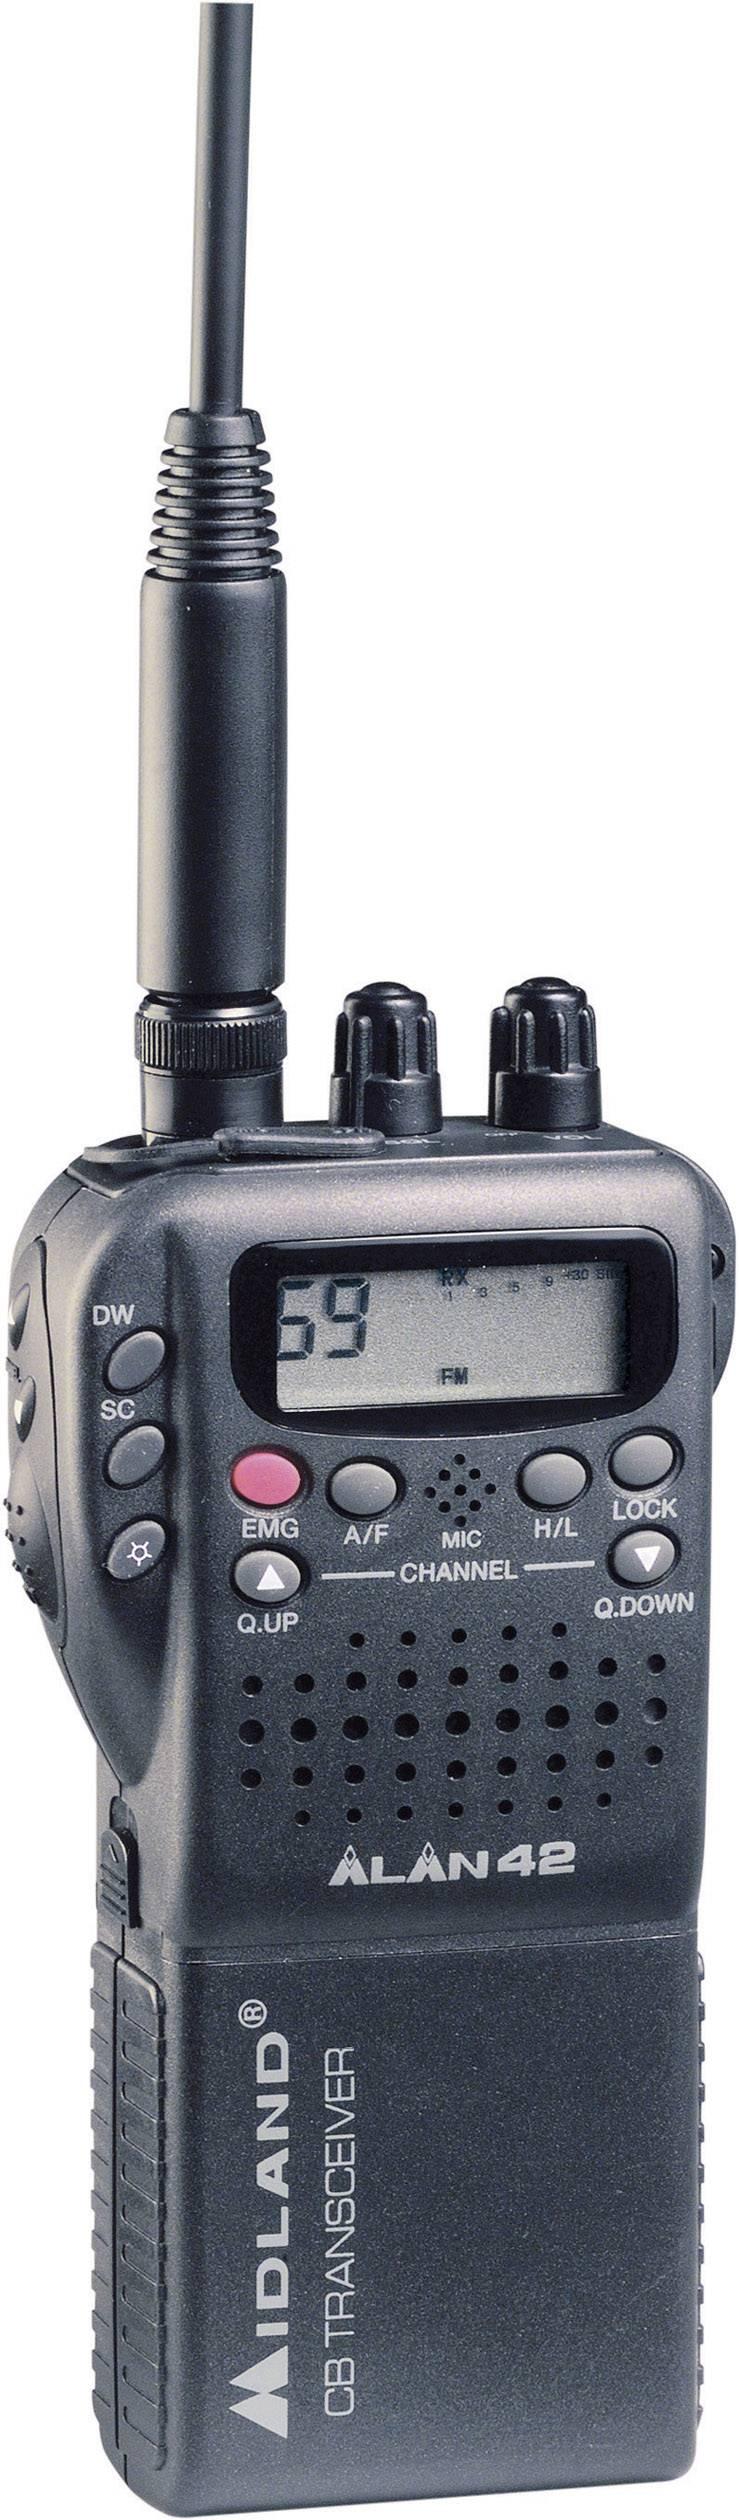 CB rádiové zariadenie Alan 42 Multistandard